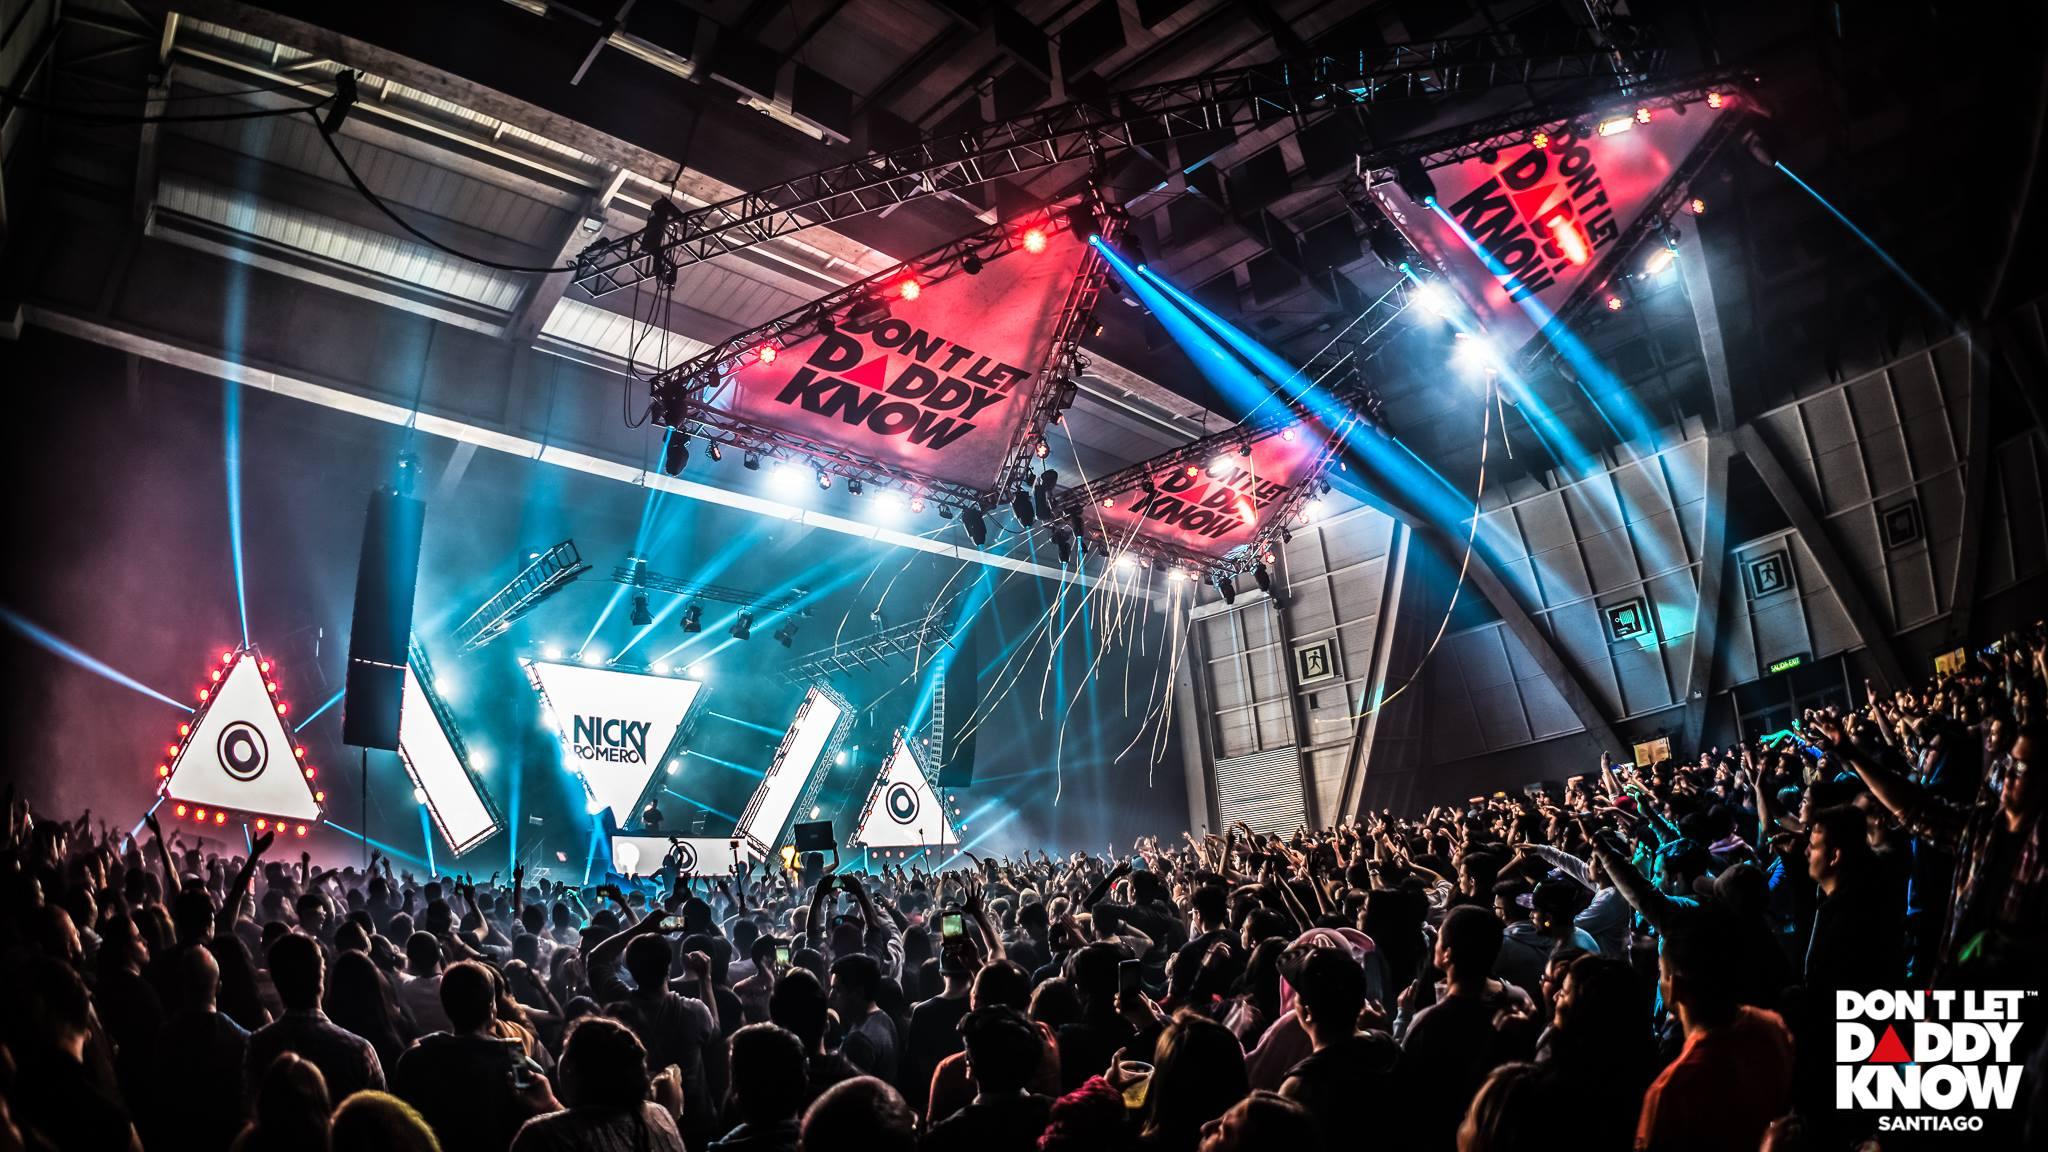 Gig: Llega un nuevo festival a México